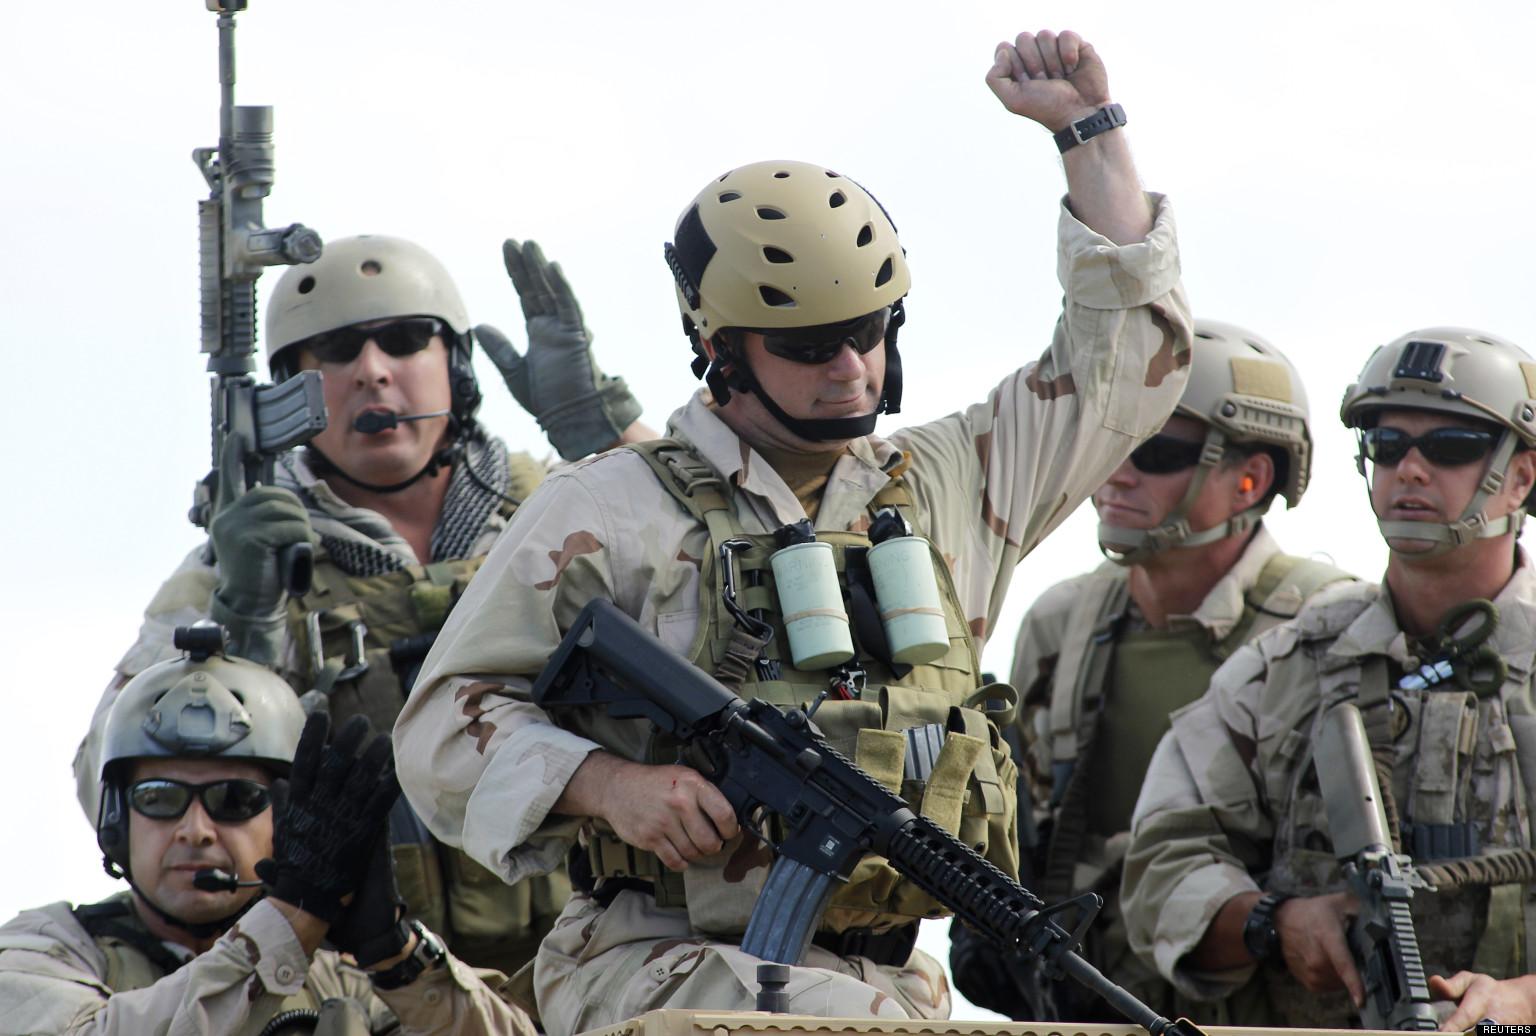 战甲专栏·?#20570;?#35762;特种作战系?#26657;?#21333;兵战斗技能与装备(3)